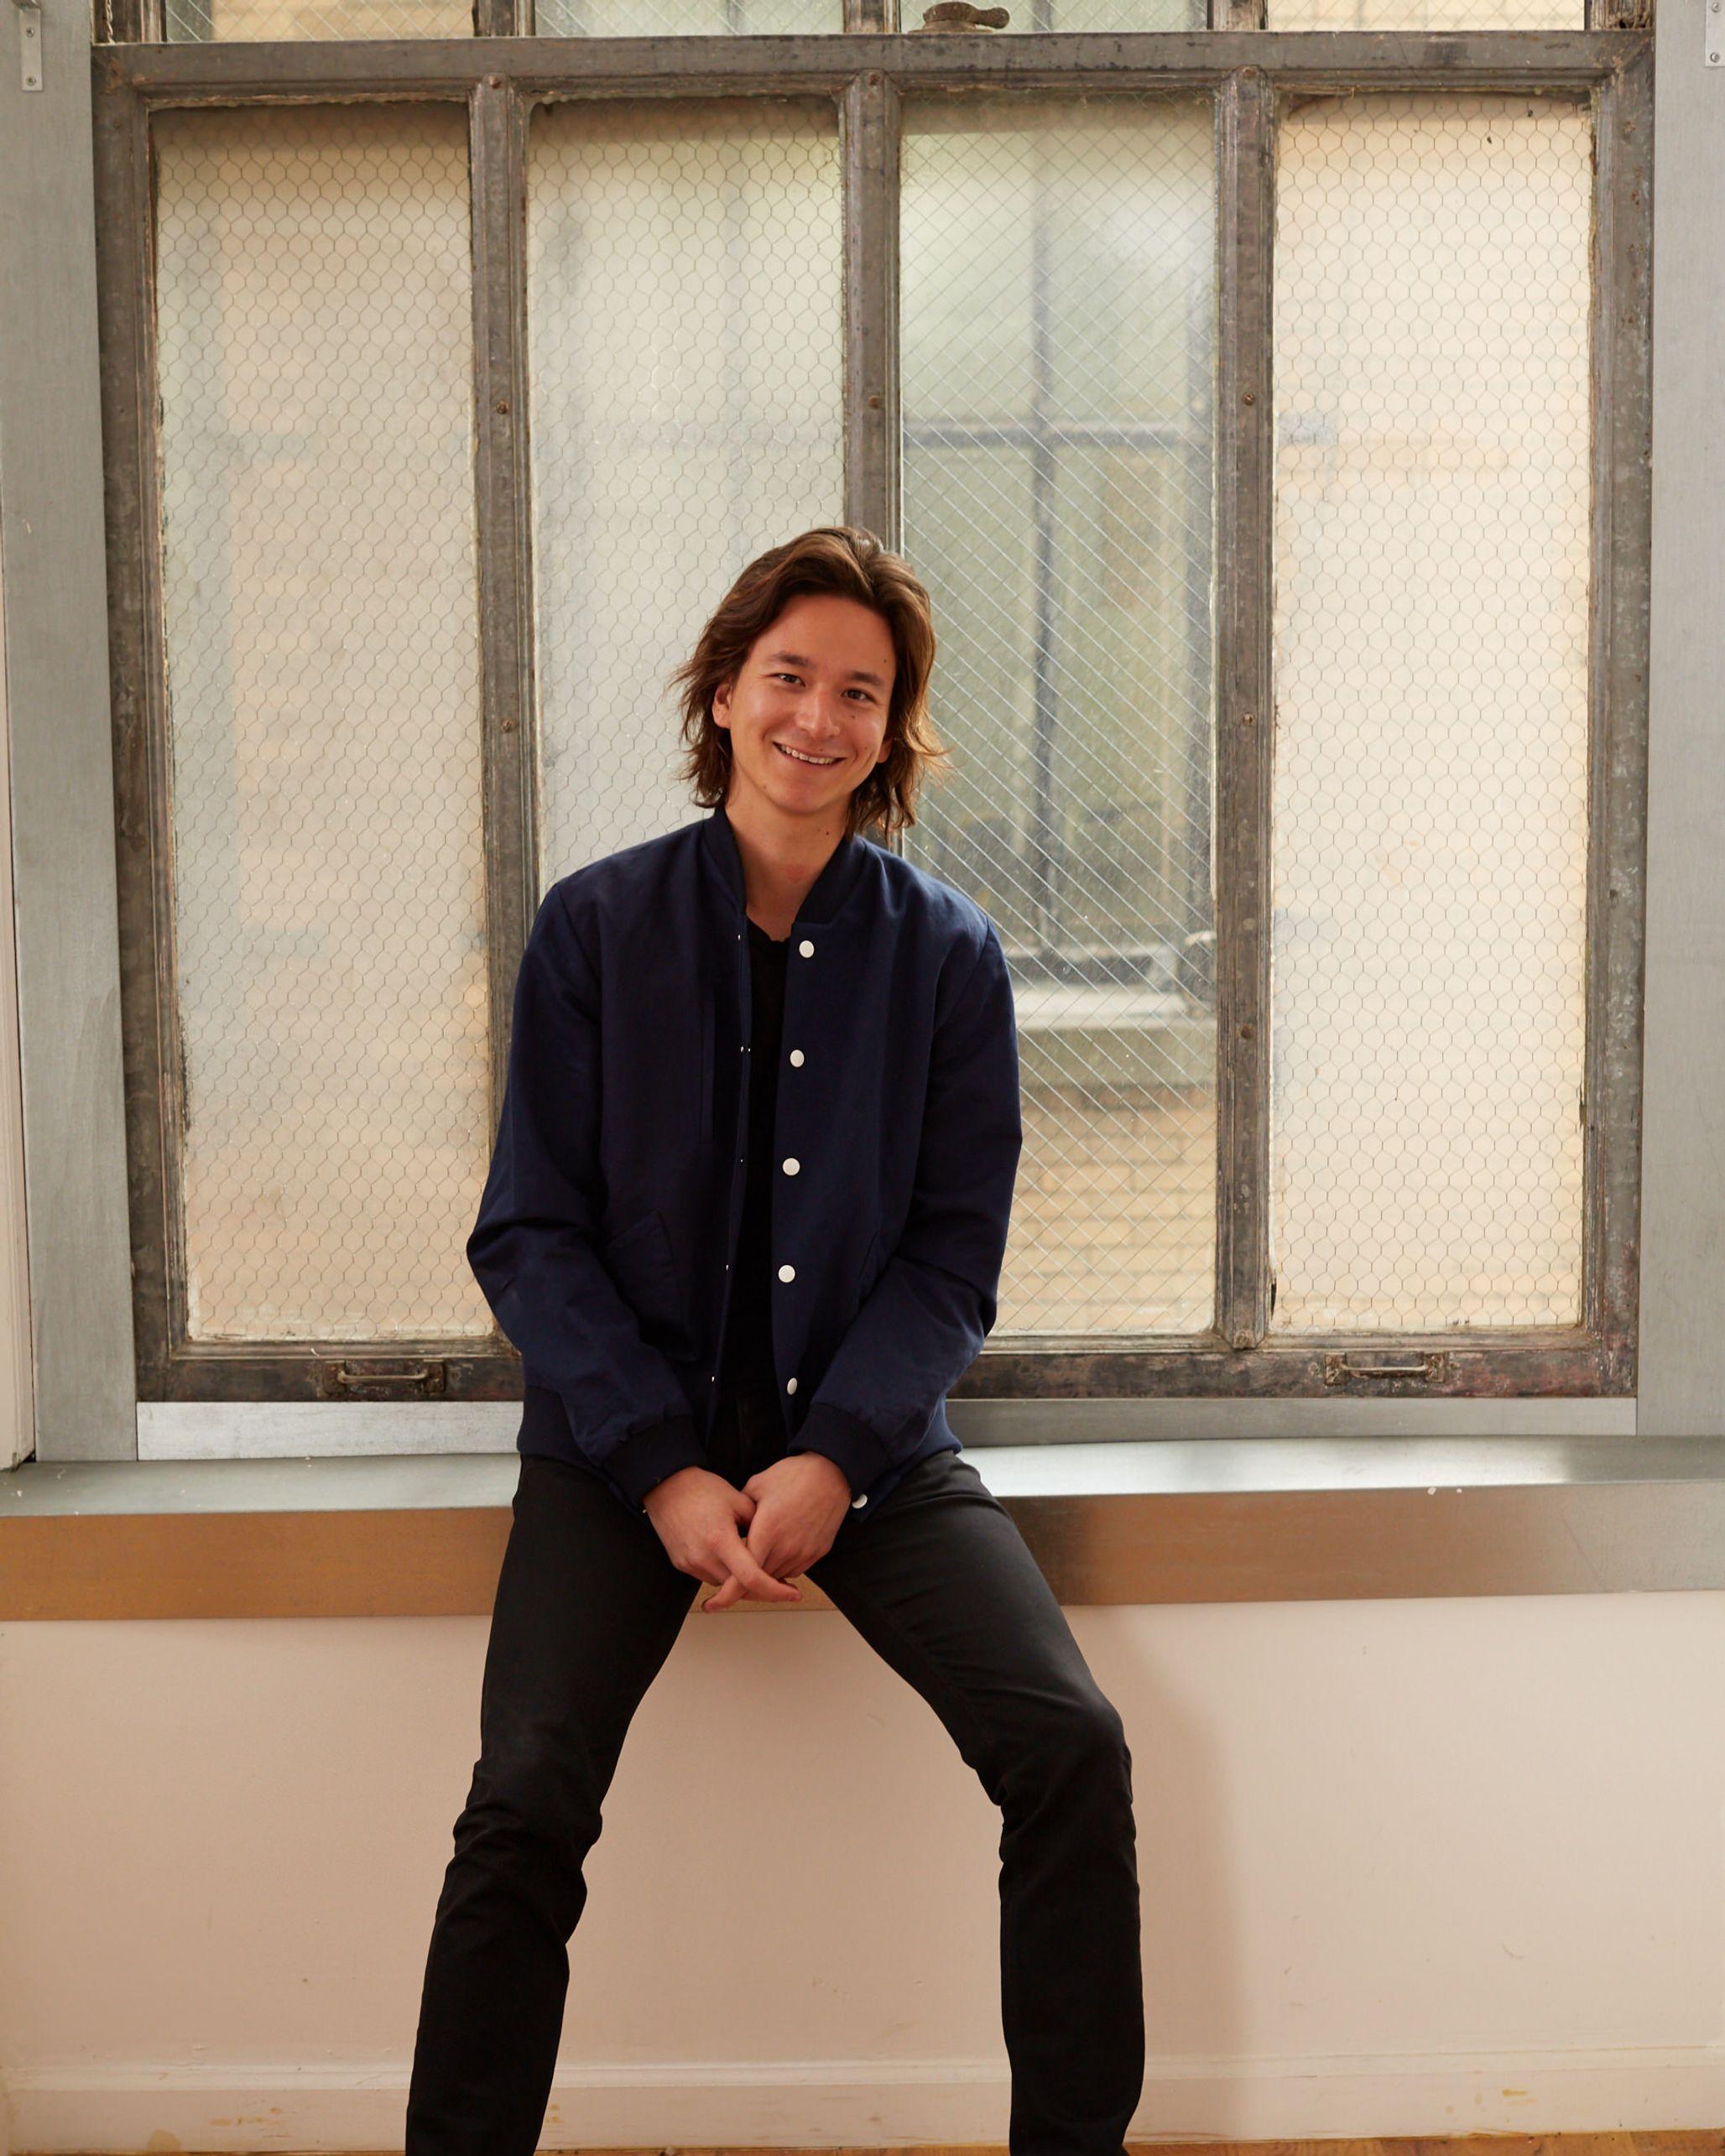 Sweetgreen co-founder Nathaniel Ru